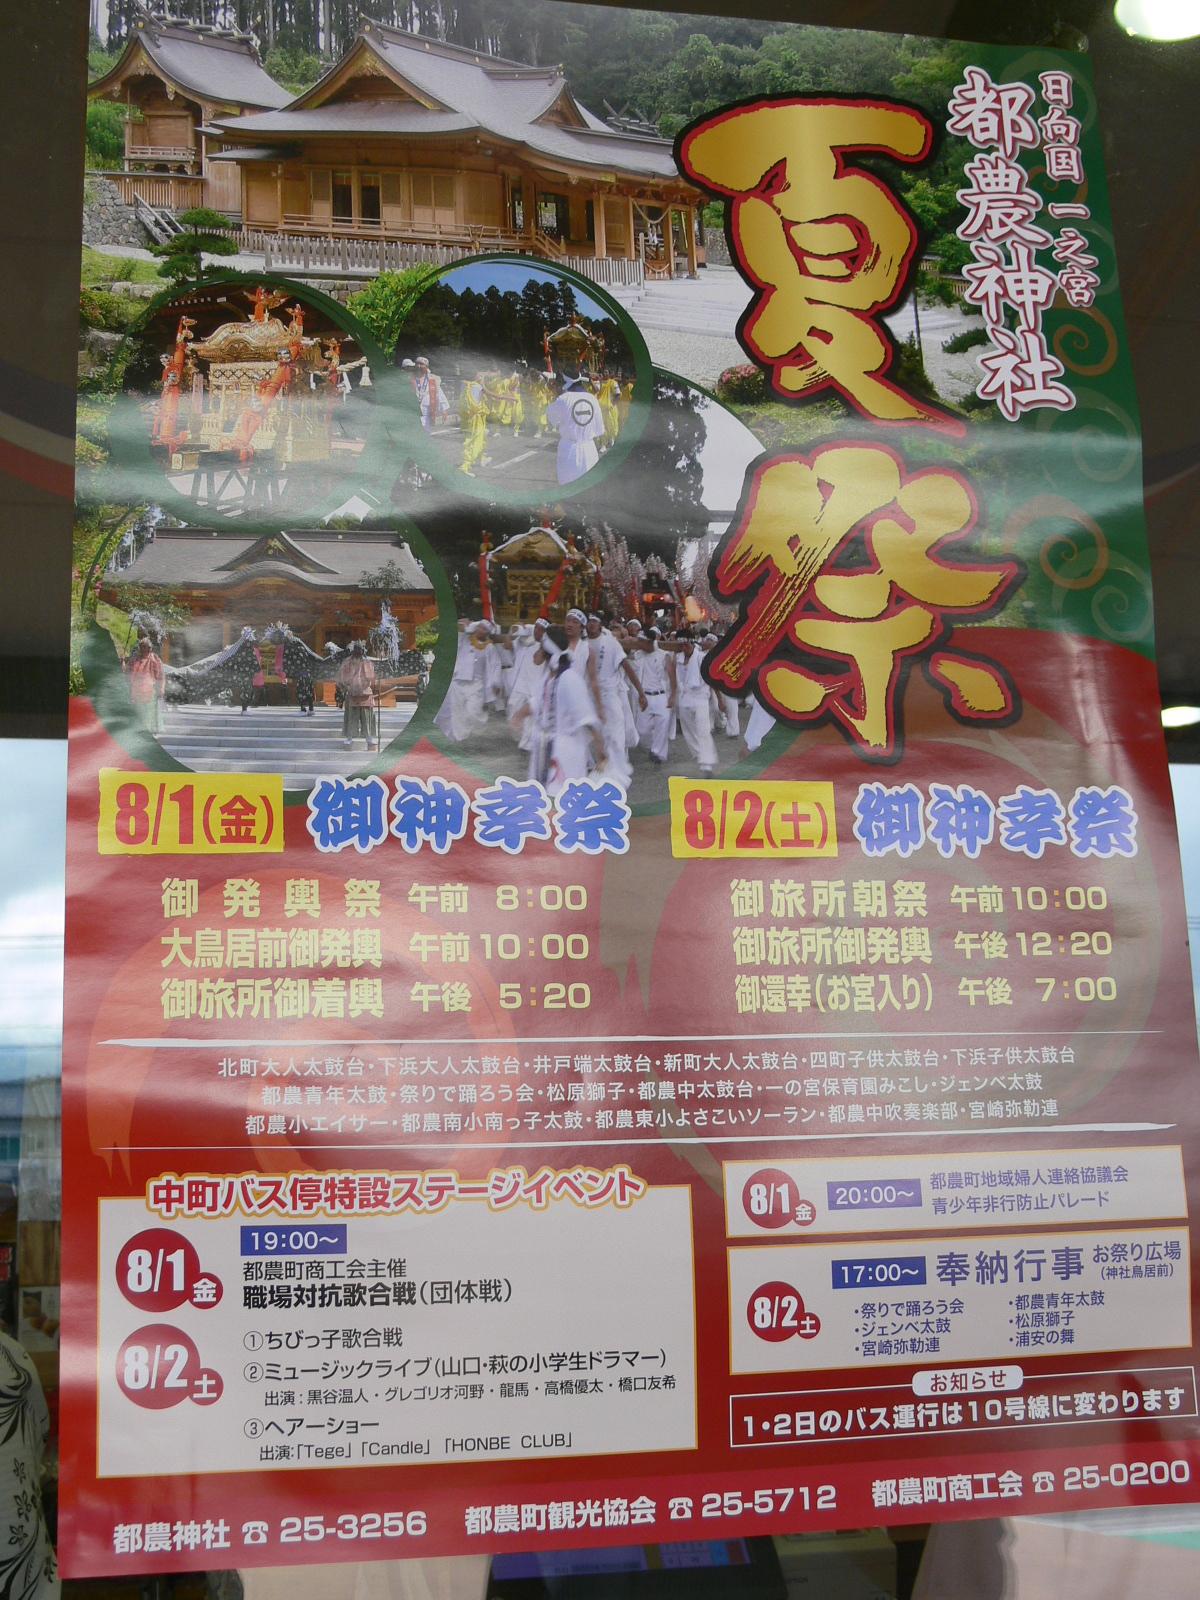 都農神社や道の駅都農にはお祭りのポスターが掲示されています。